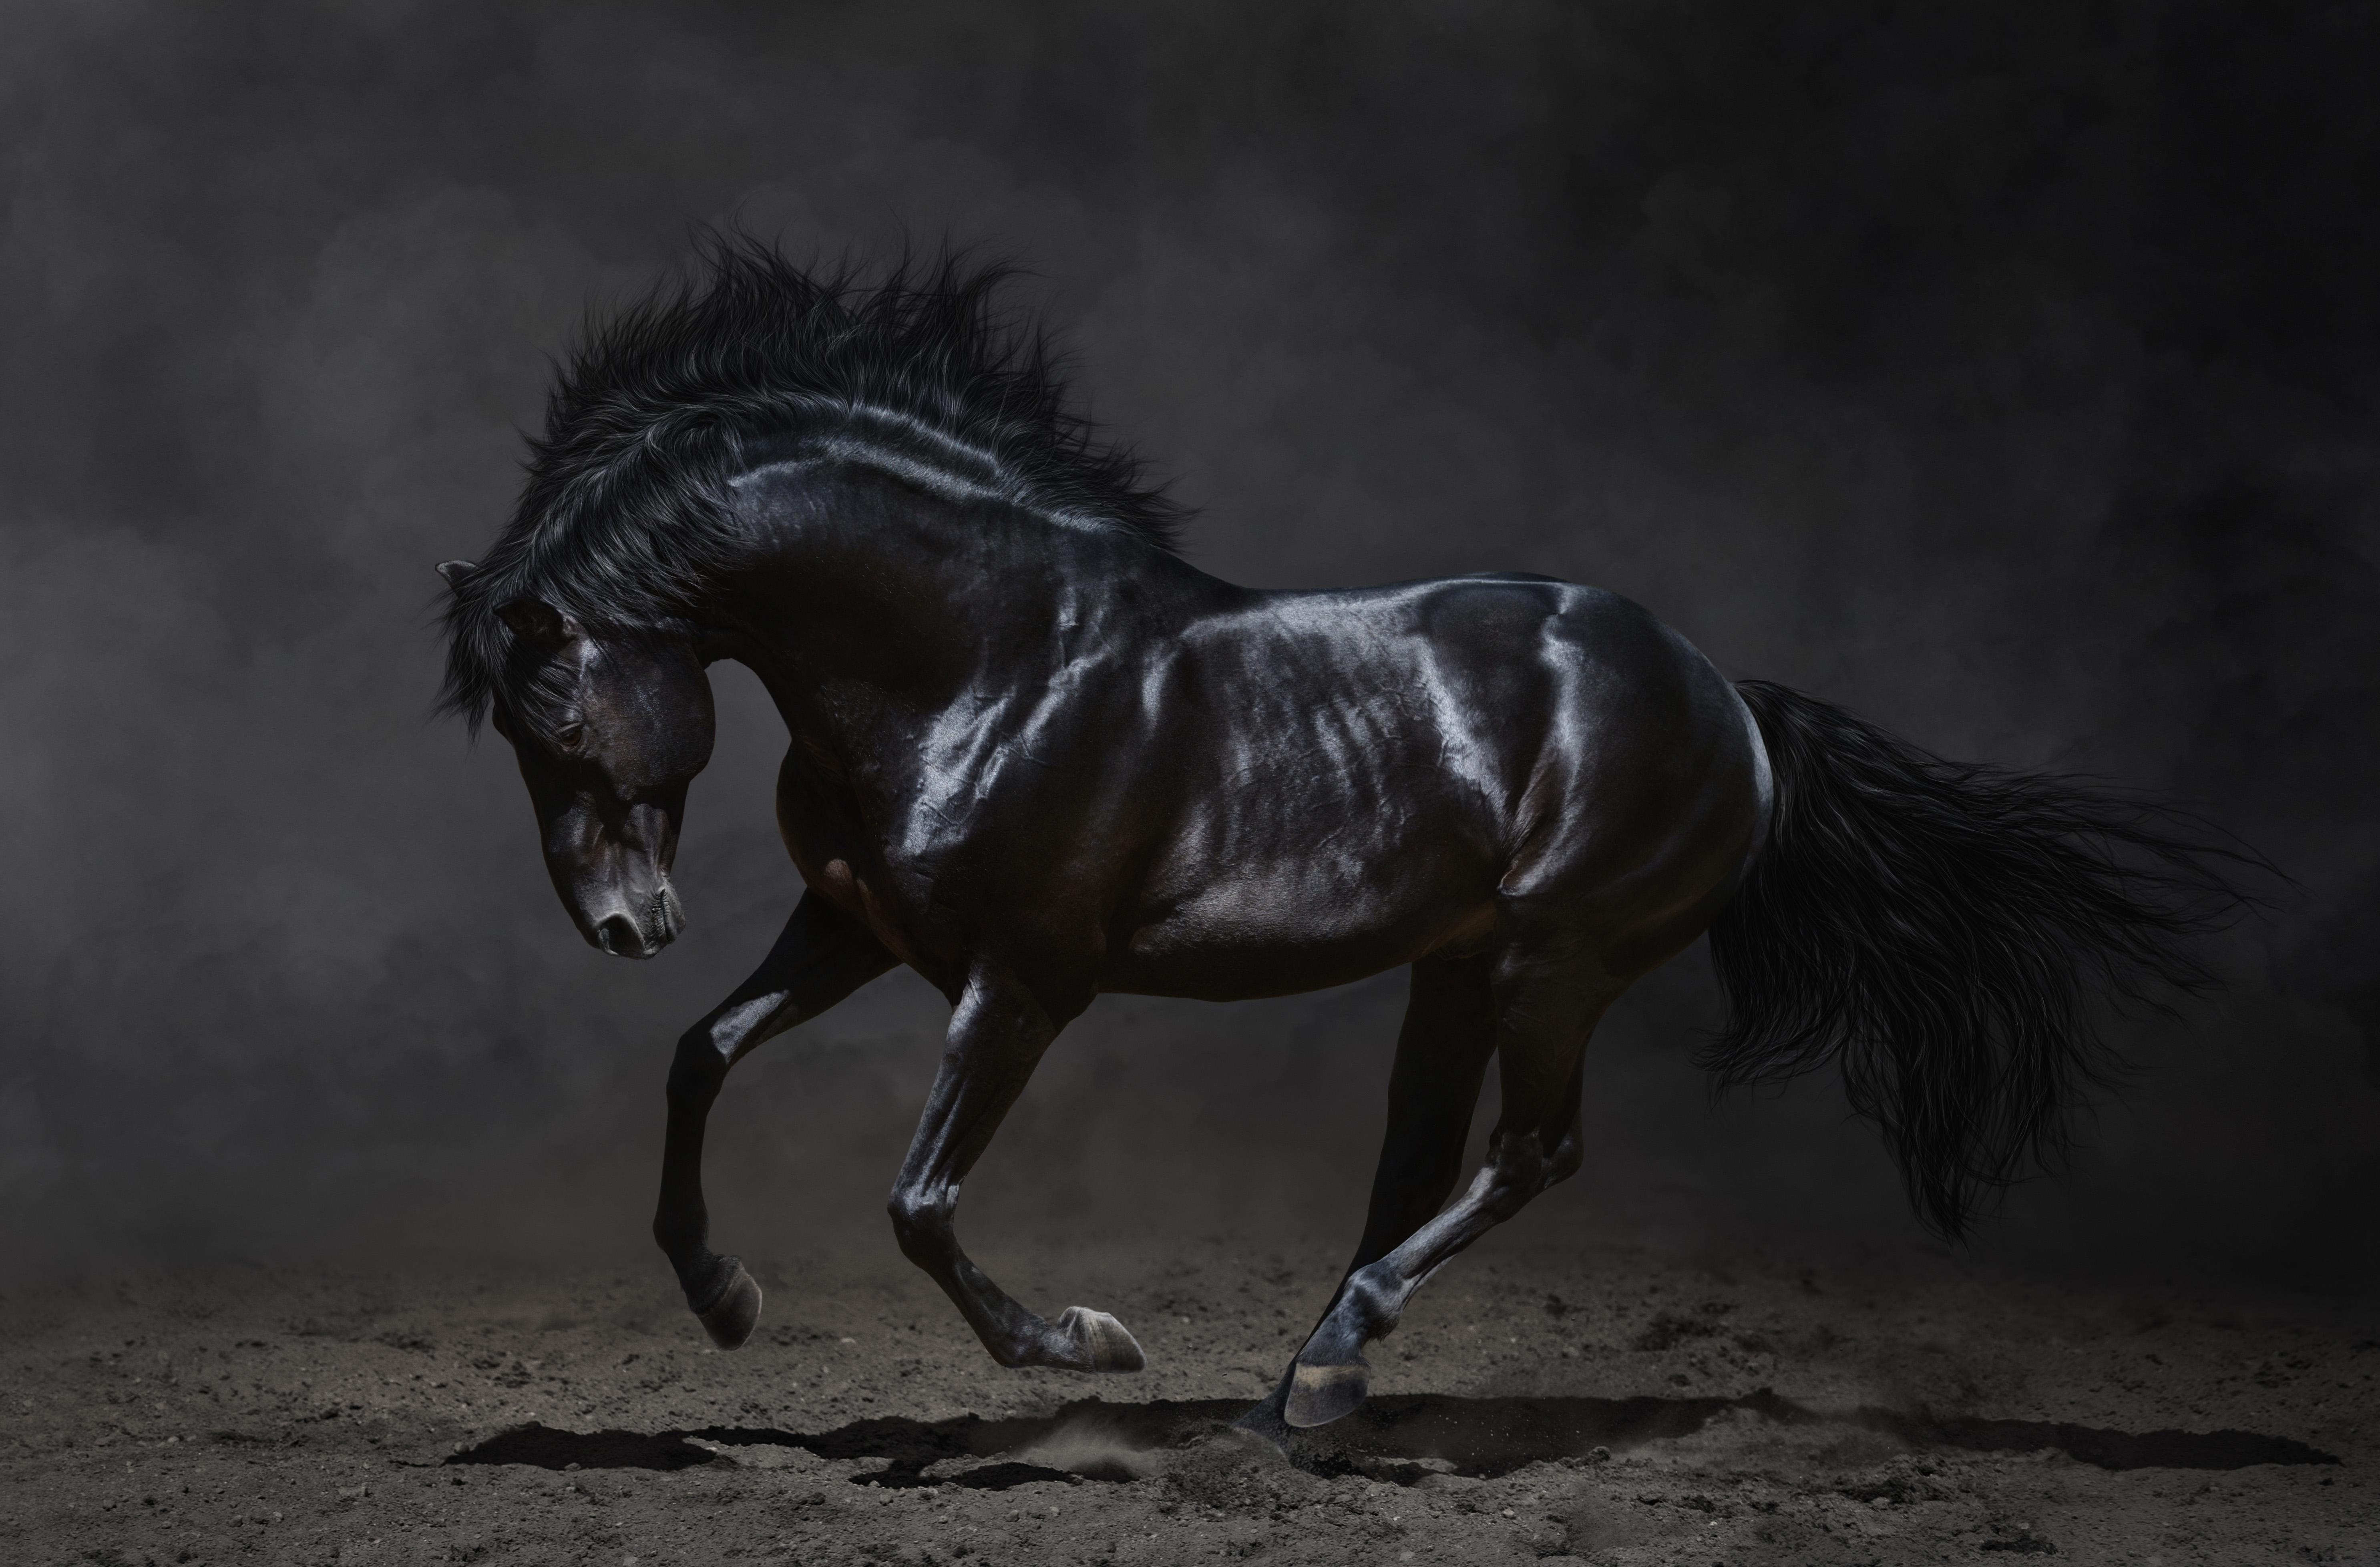 Черный конь на темном фоне